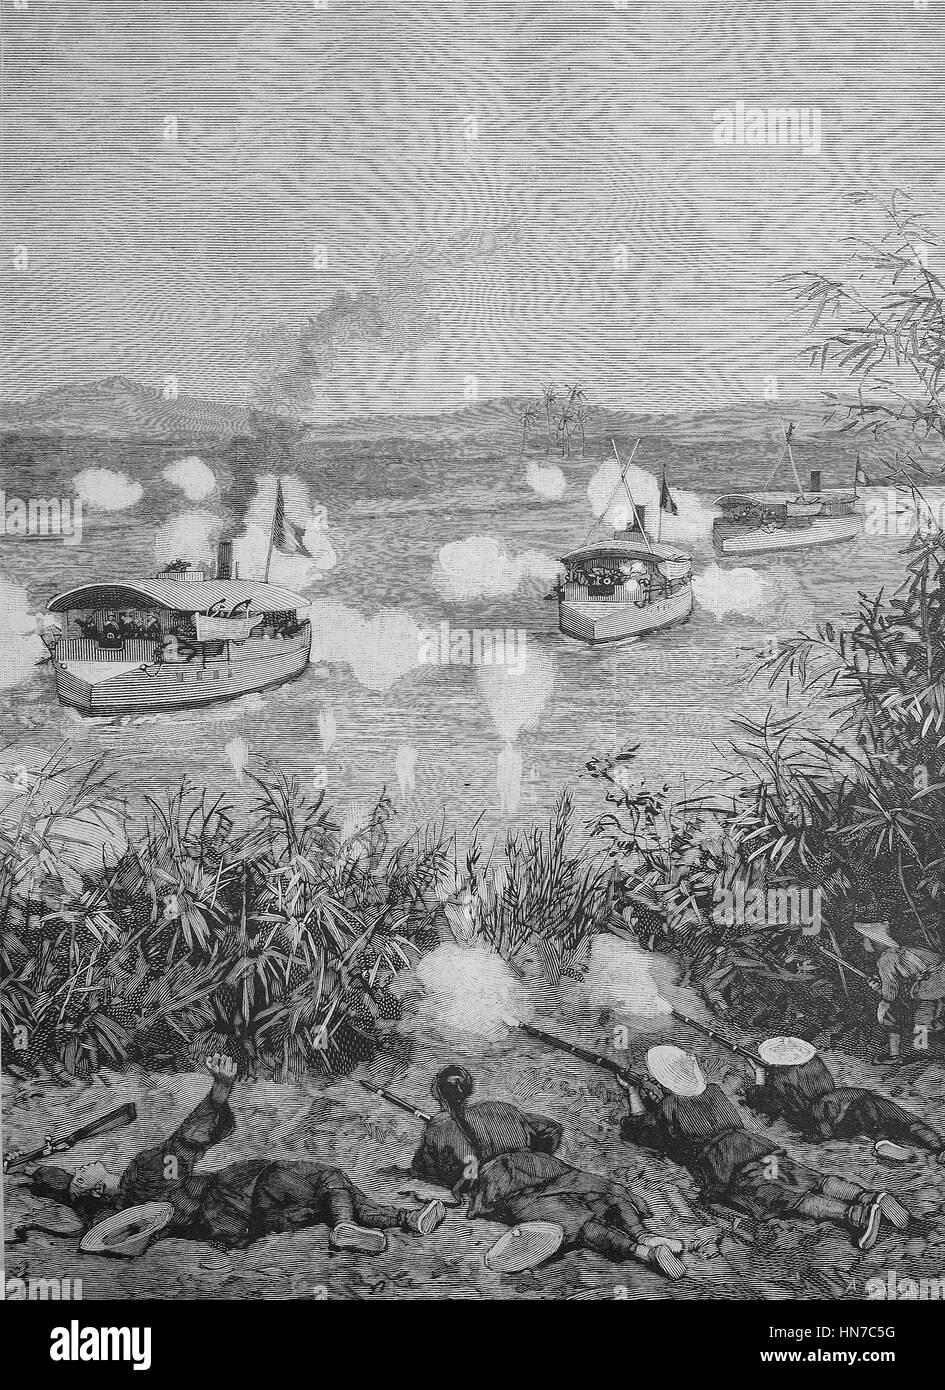 Battle between French cannon boats and Chinese troops in Tonkin, Gefecht zwischen franzoesischen Kanonenbooten und - Stock Image